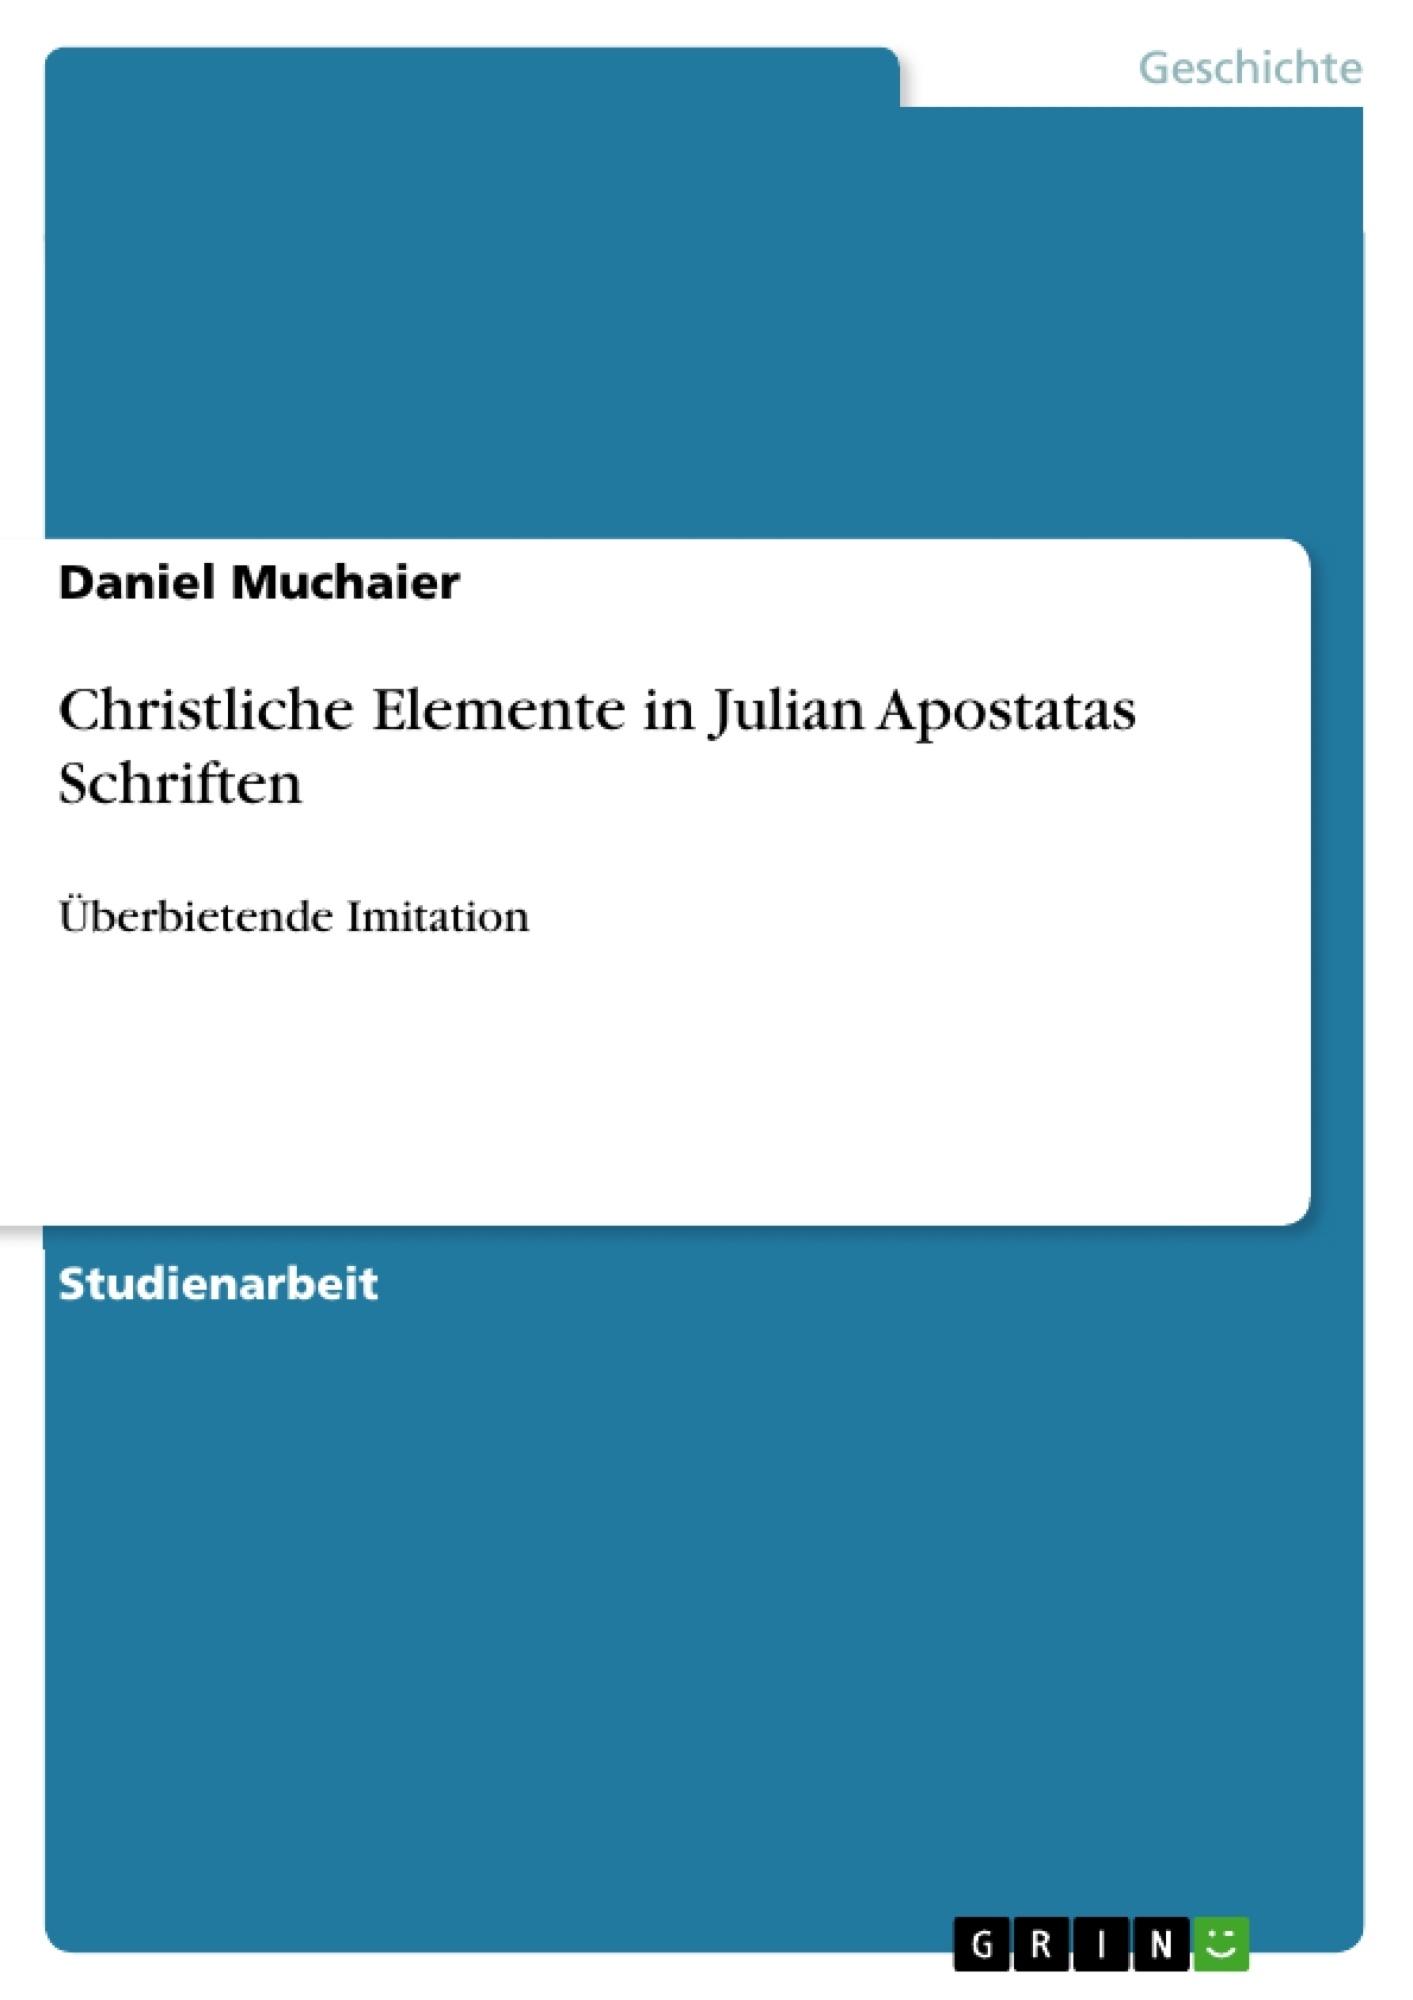 Titel: Christliche Elemente in Julian Apostatas Schriften